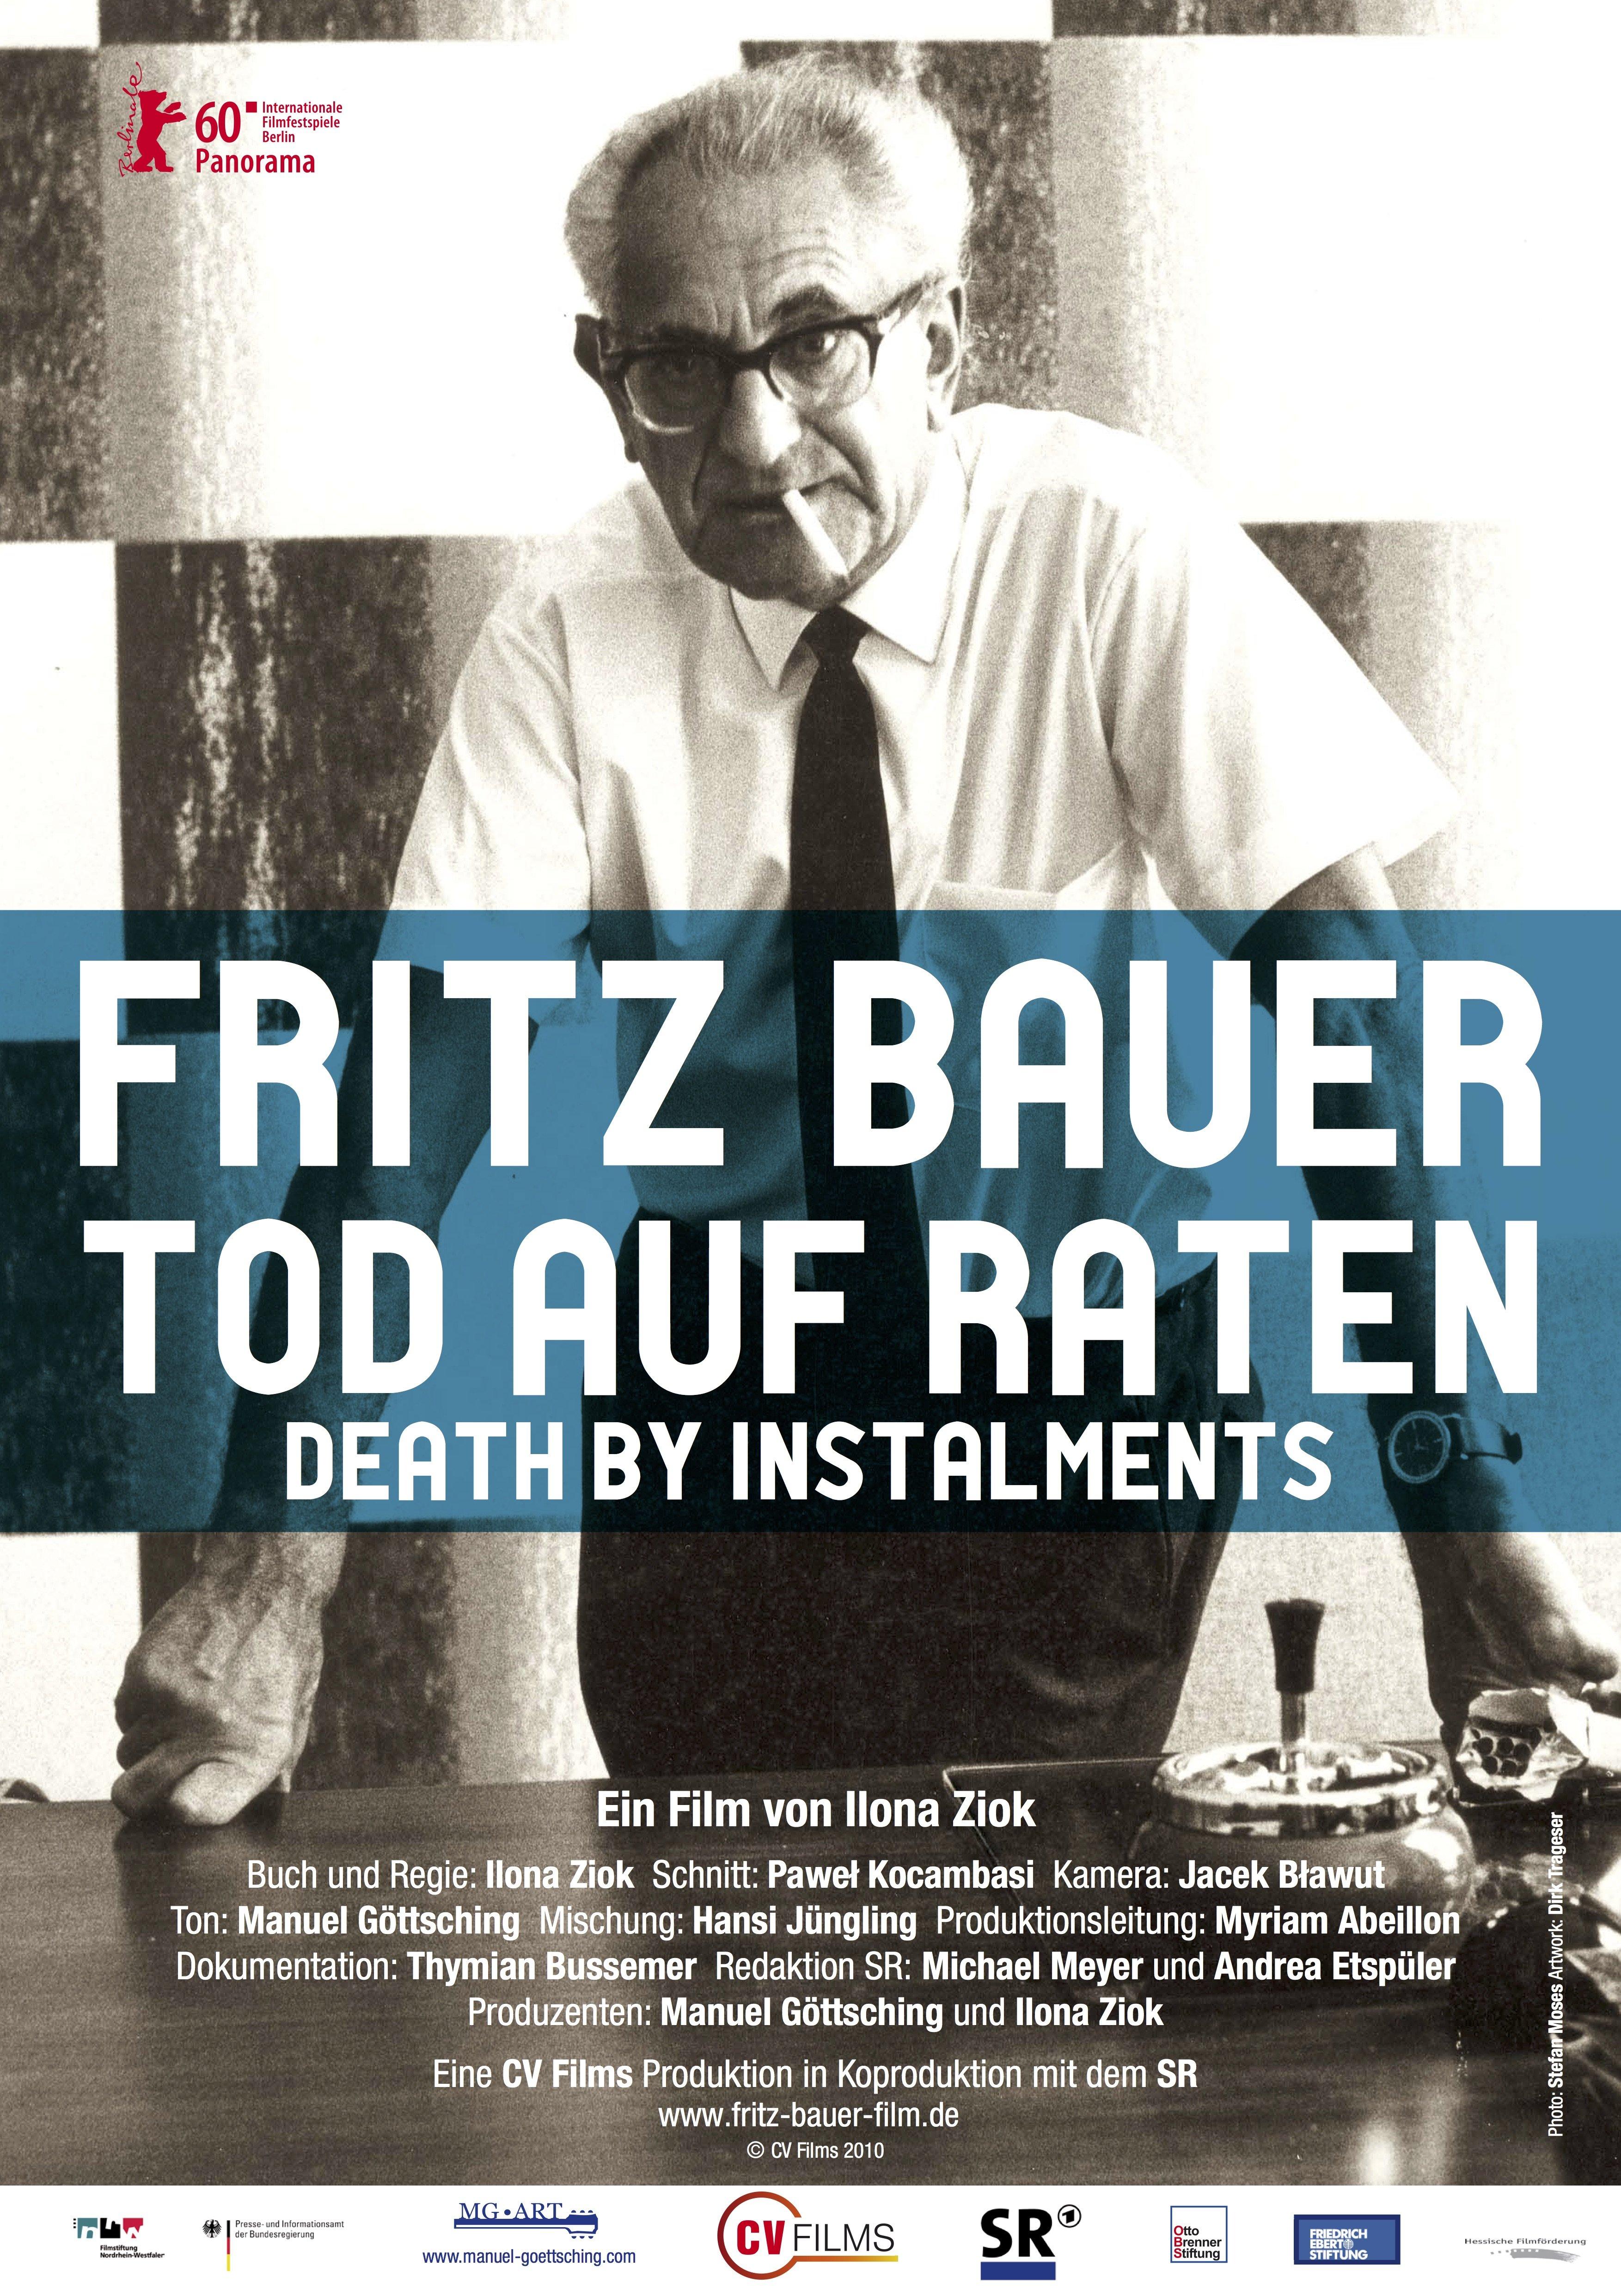 Fritz Bauer - Tod auf Raten (2010)